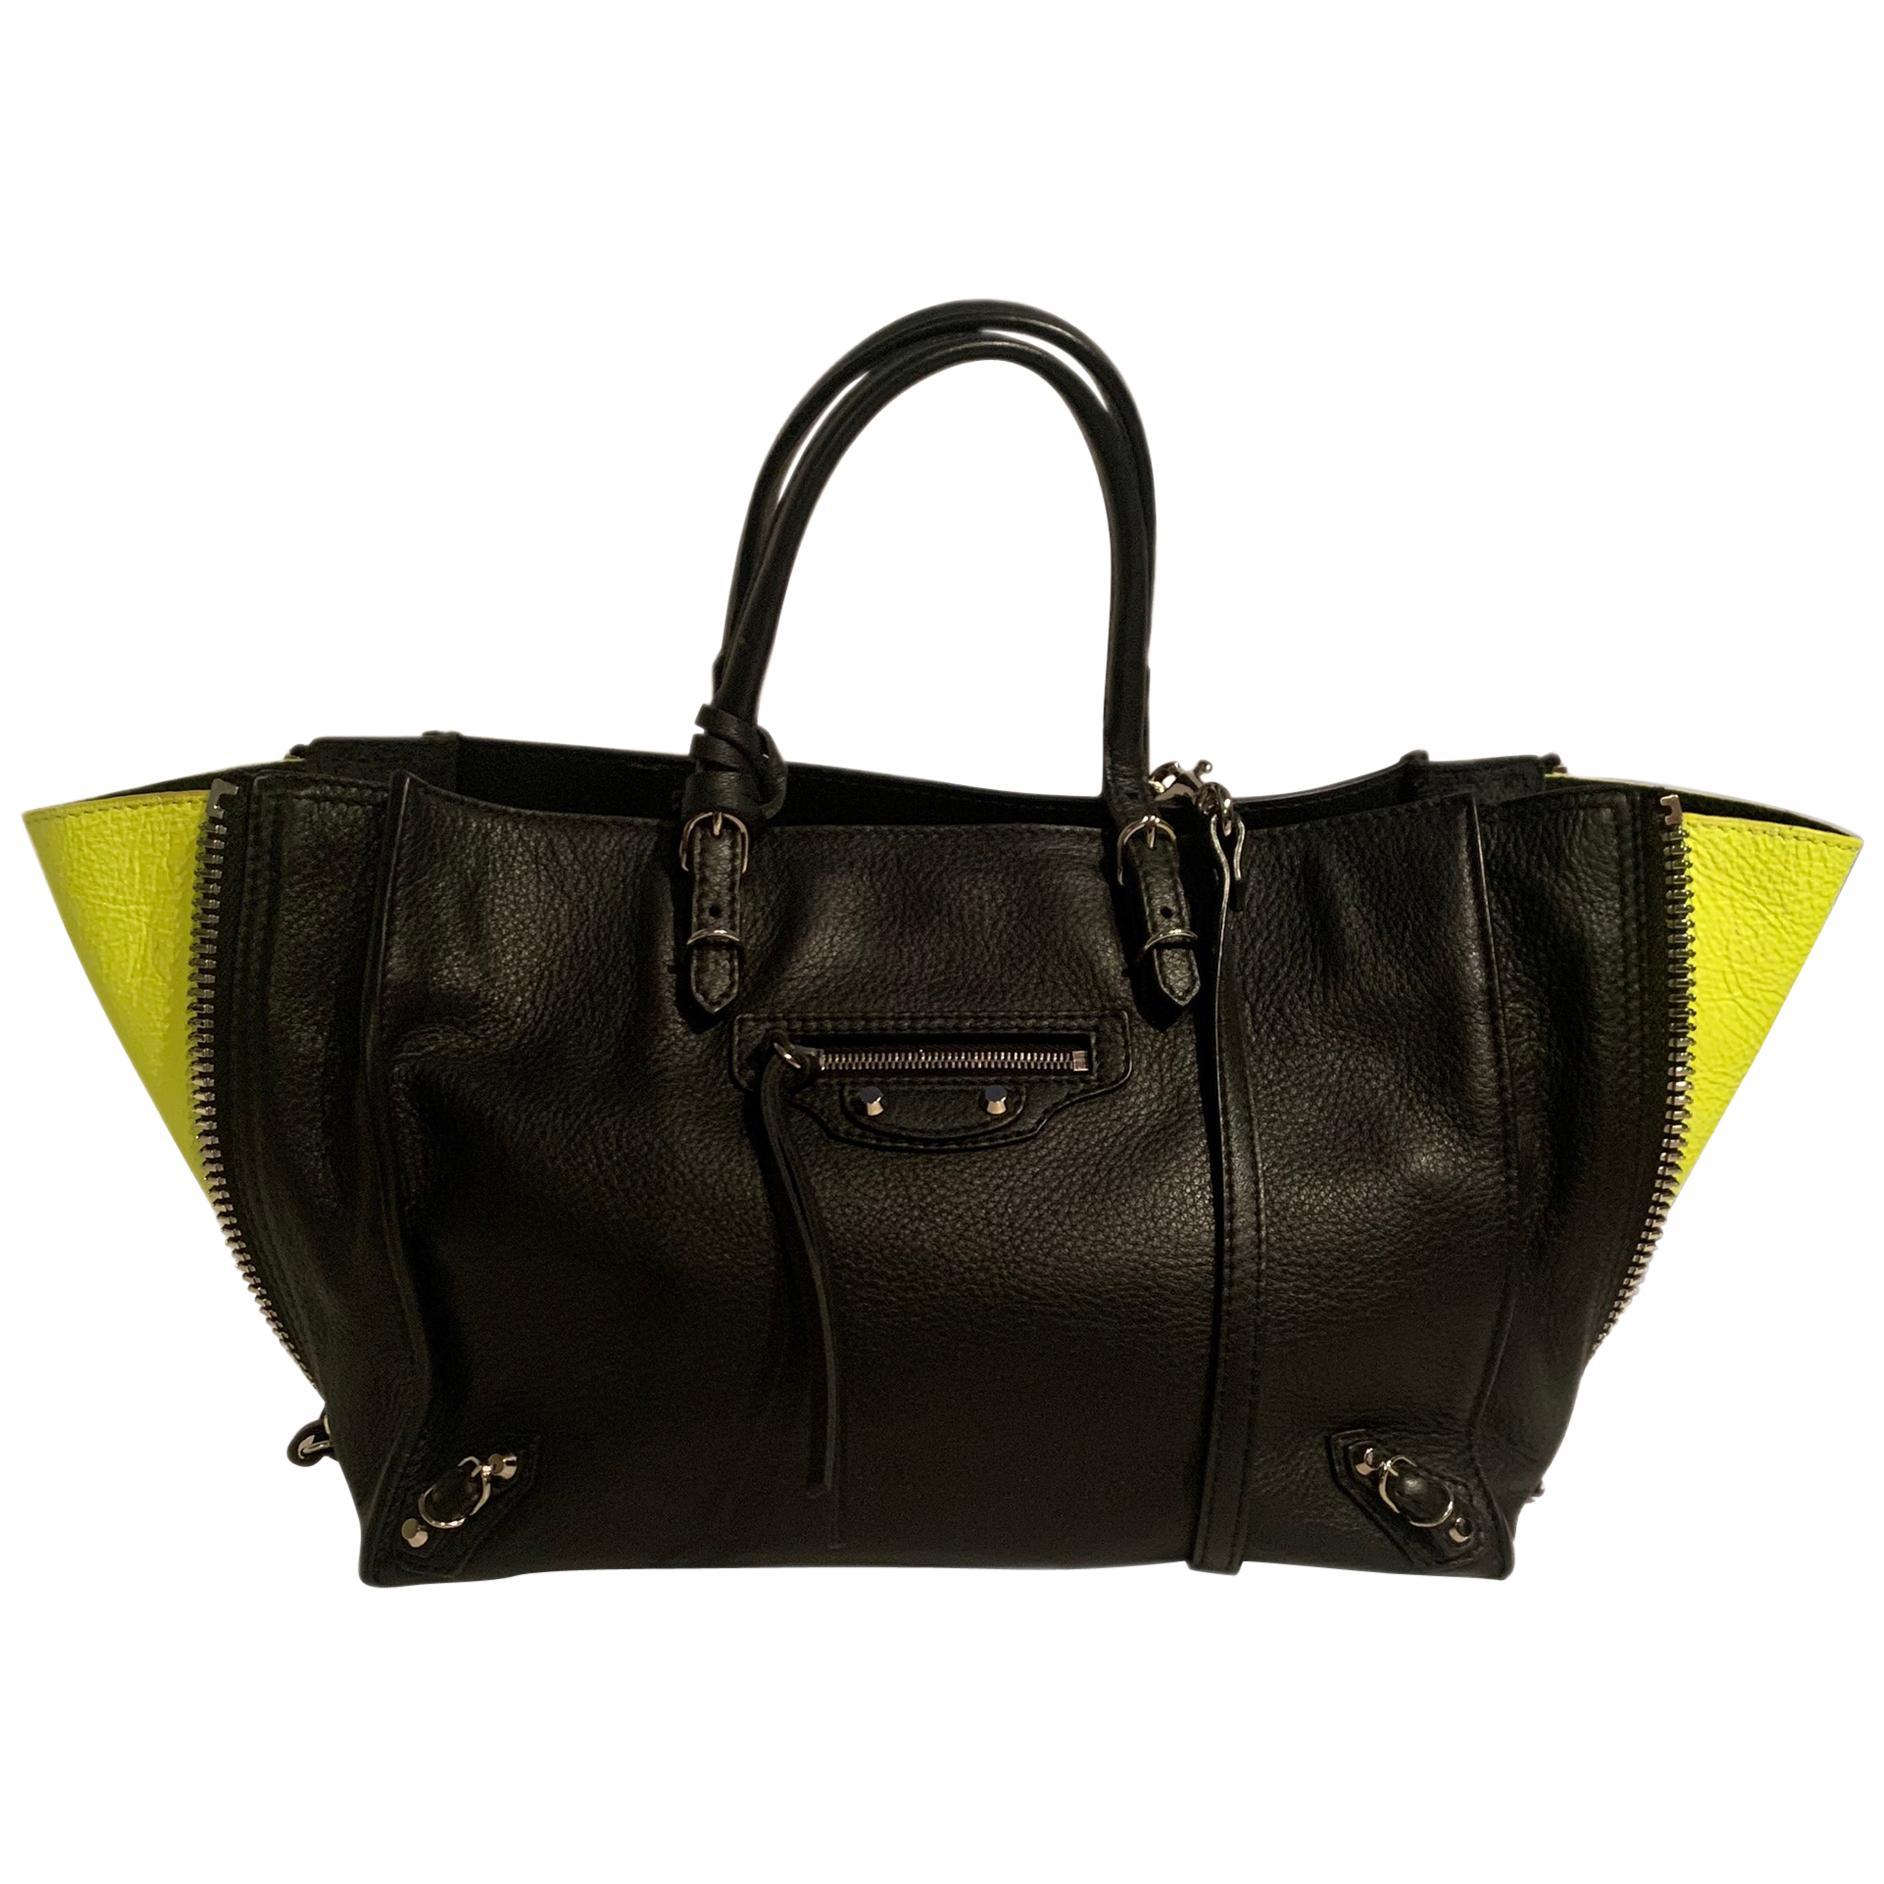 Balenciaga Black Leather Mini Papier A4 Crossbody Tote Bag w/ Neon Accents